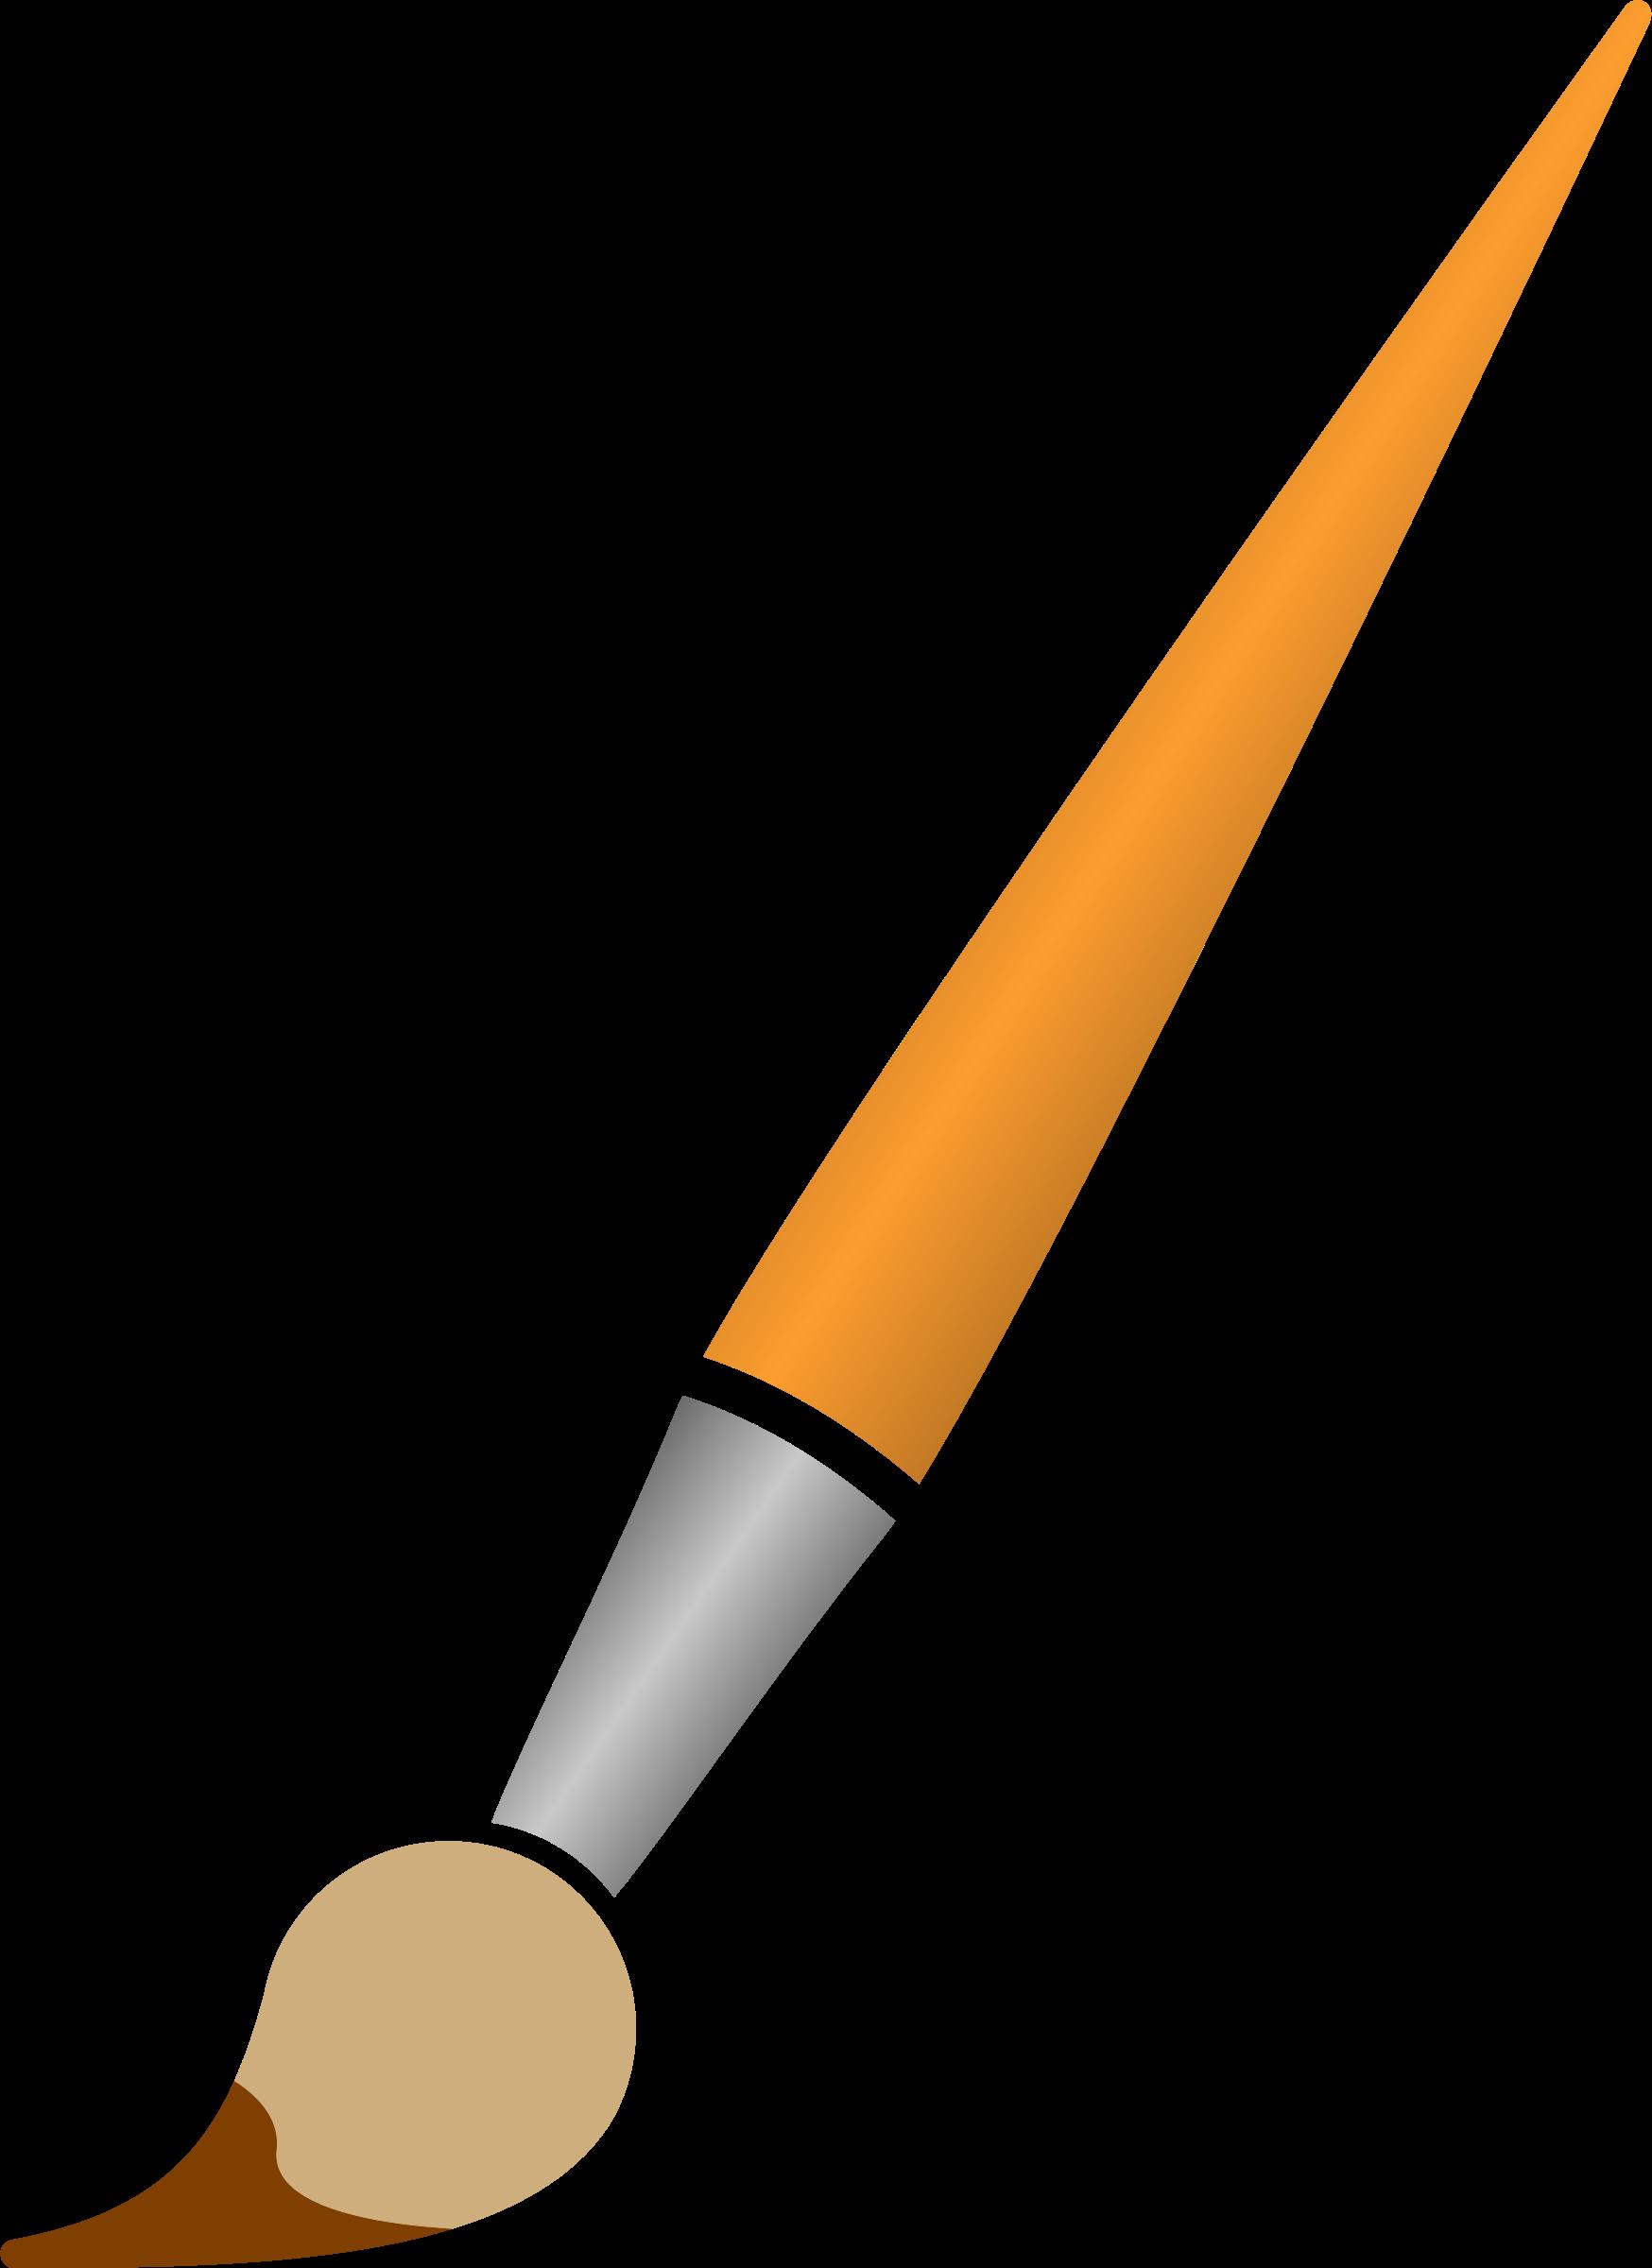 Paint Brush Clip Art Png & Free Paint Brush Clip Art.png.